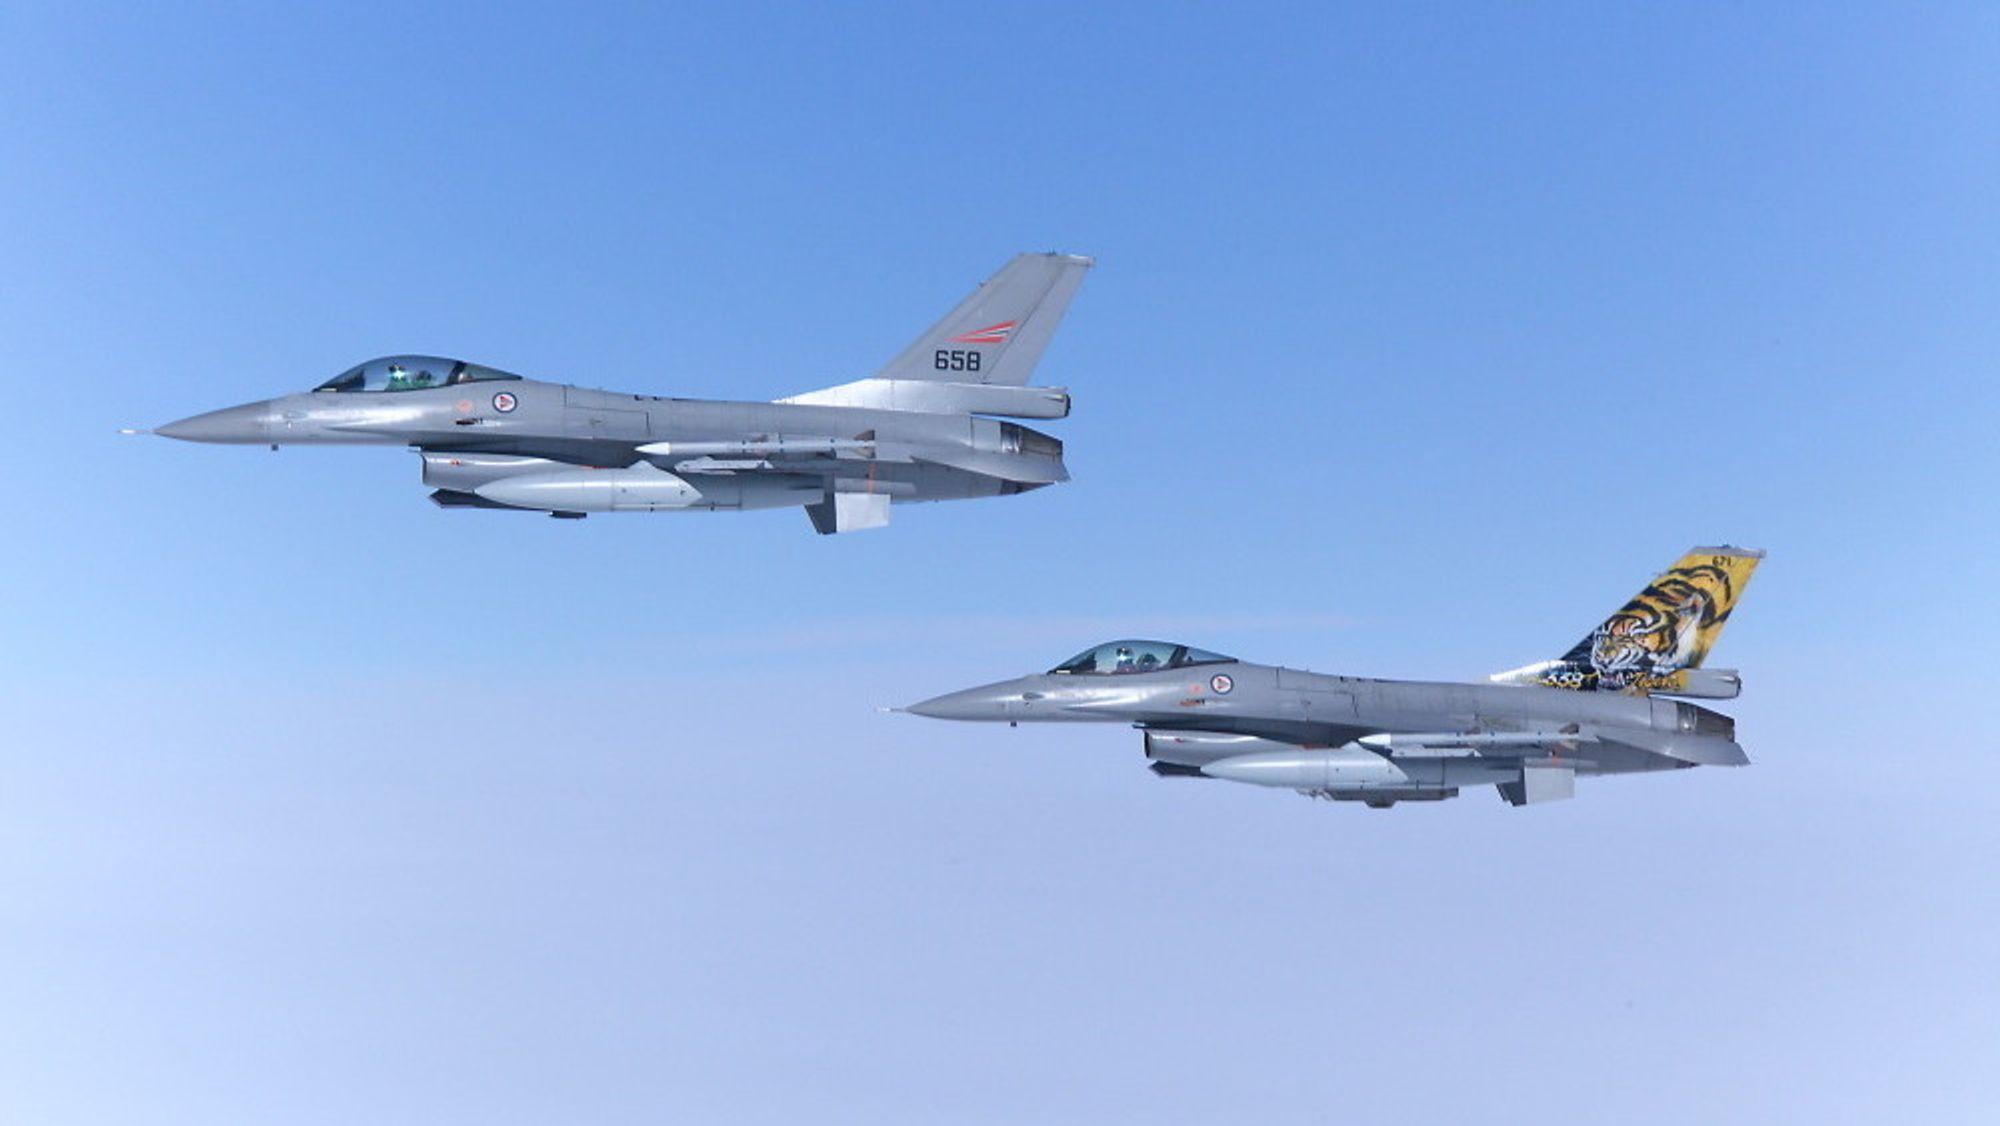 Slepetraktorene kan maskimalt trekke 4,5 tonn med pådragsbremser. Ingen norske kampfly veier mindre enn dette. F-16 veier for eksempel 16 tonn.